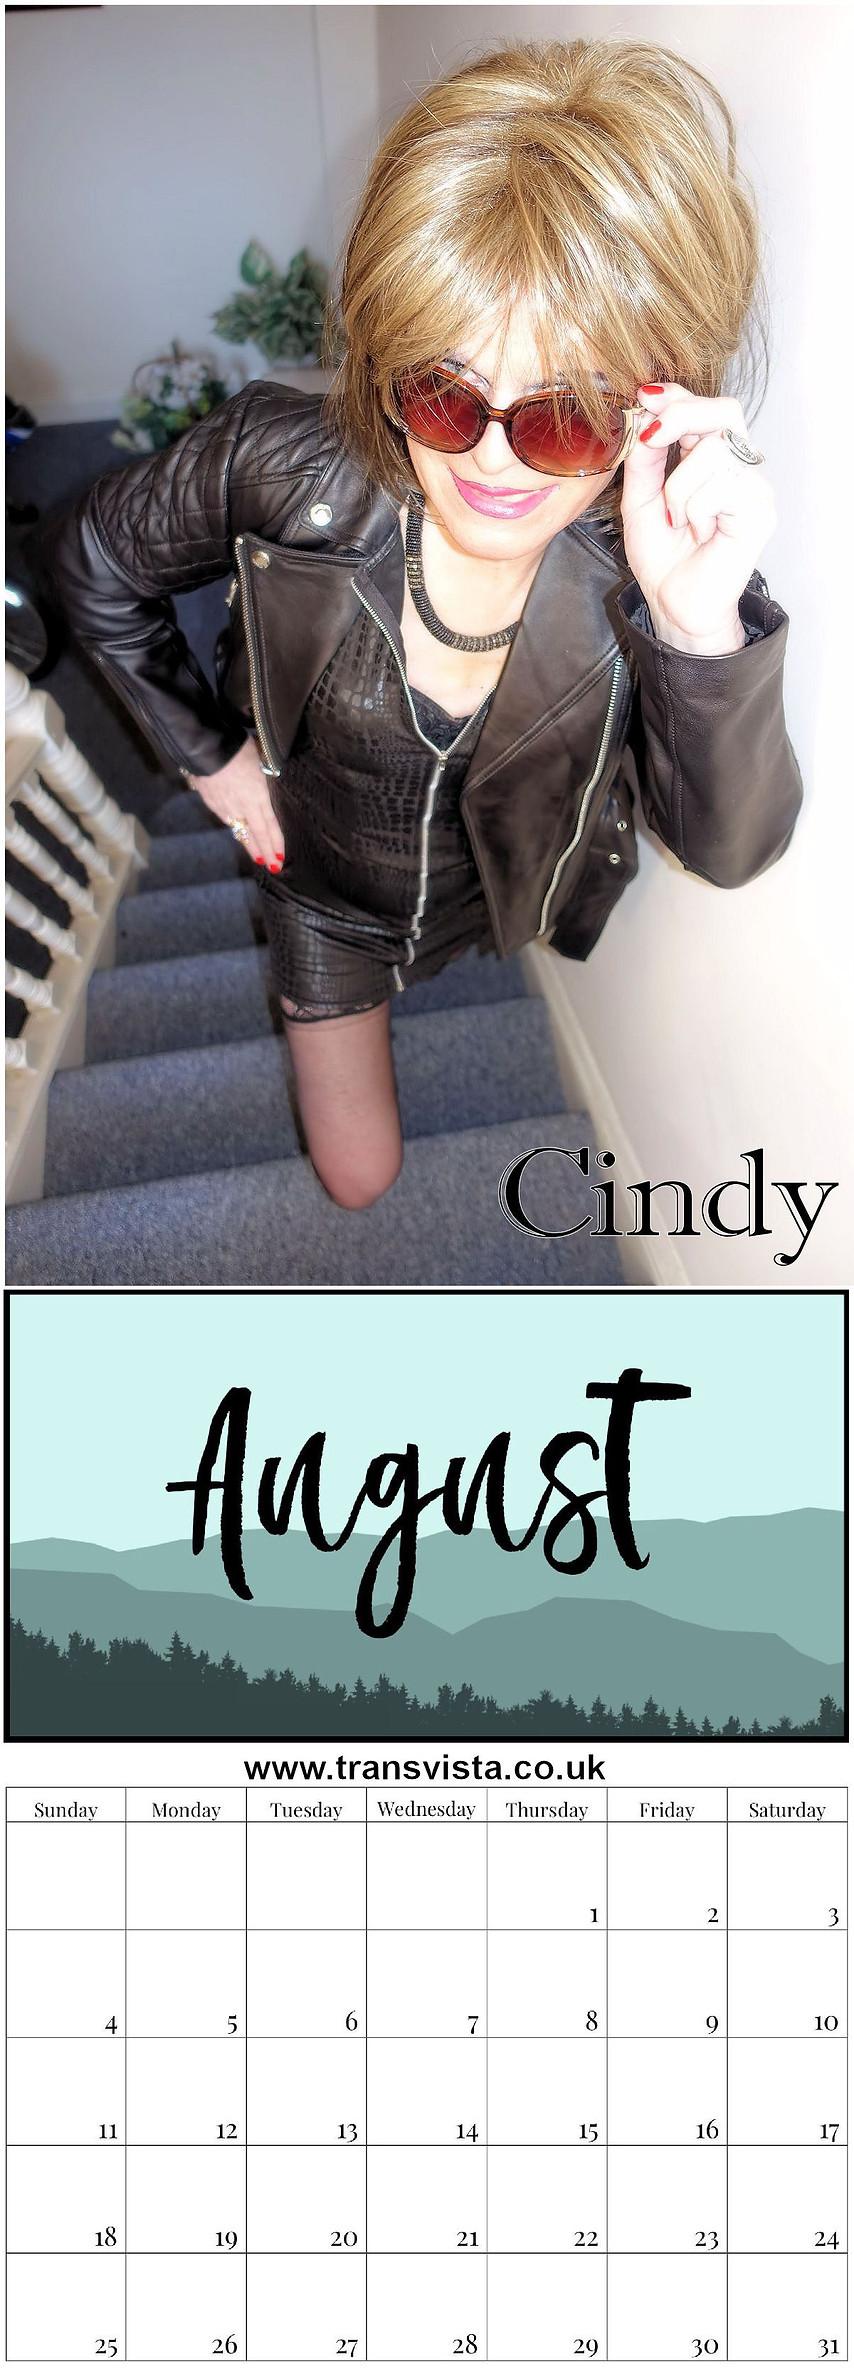 August 2019 Calendar Girl.jpg